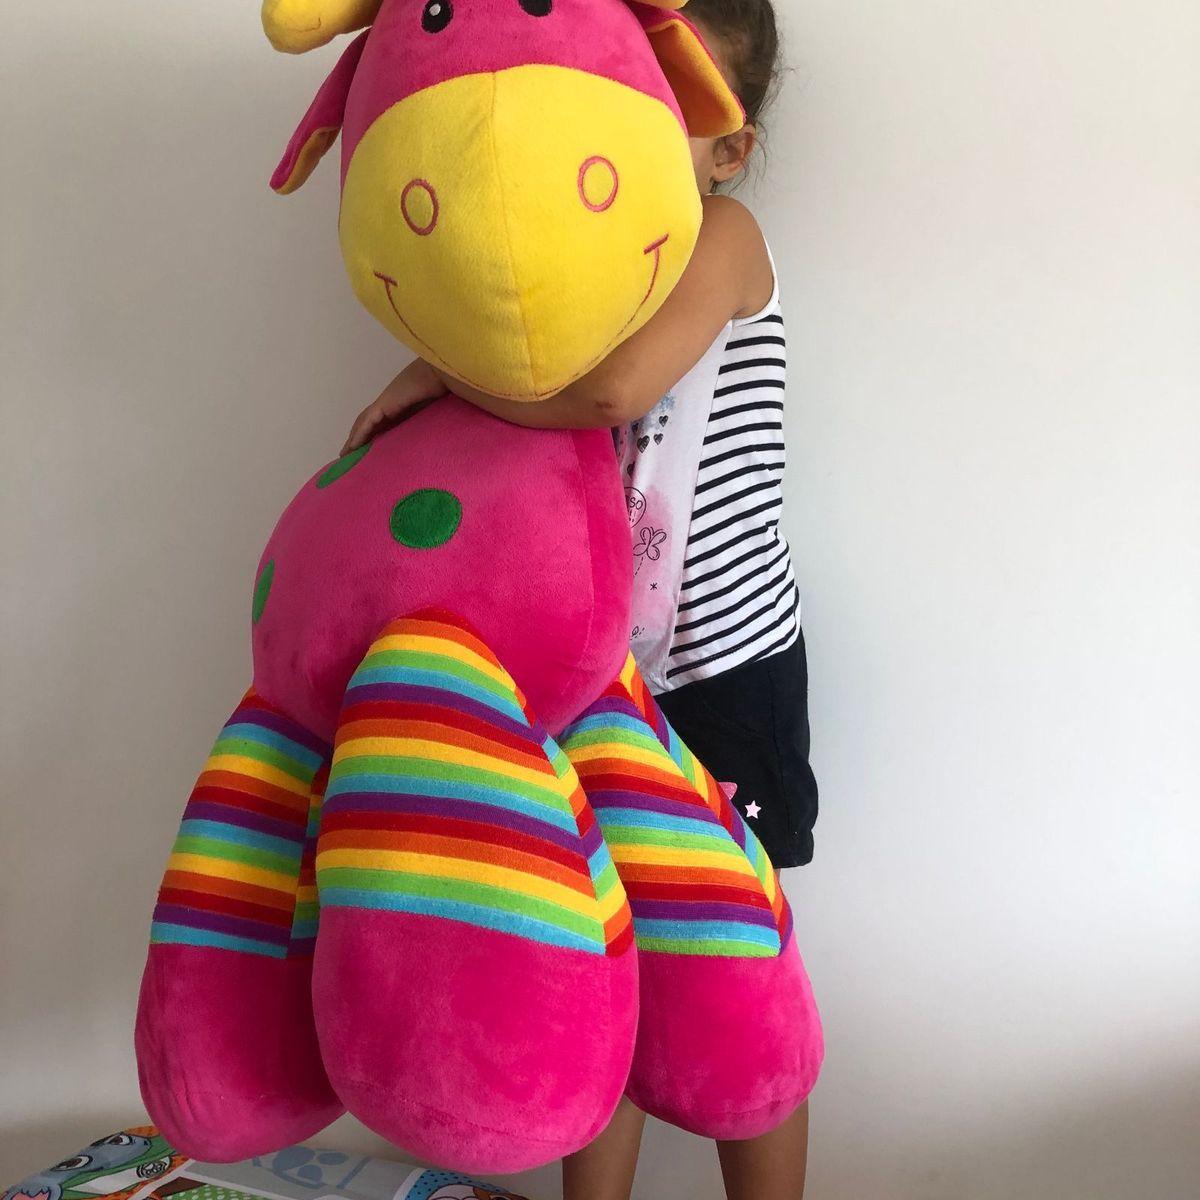 Girafa Amigurumi no Mercado Livre Brasil | 1200x1200